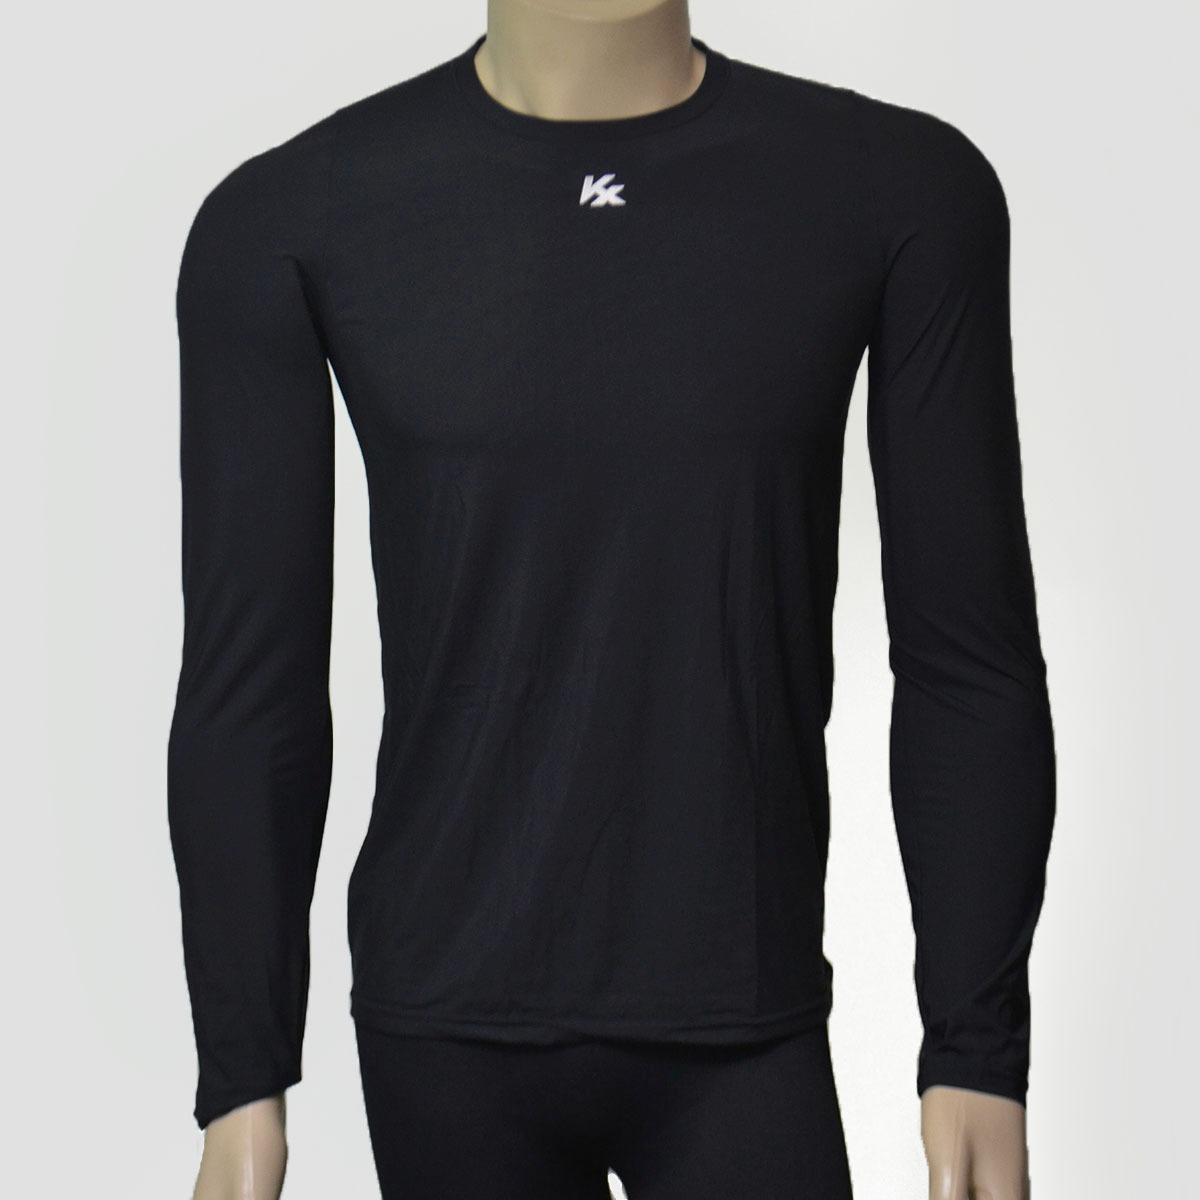 camisa térmica kanxa alta compressão manga longa poliamida. Carregando zoom. 6f78ba40b9ea6